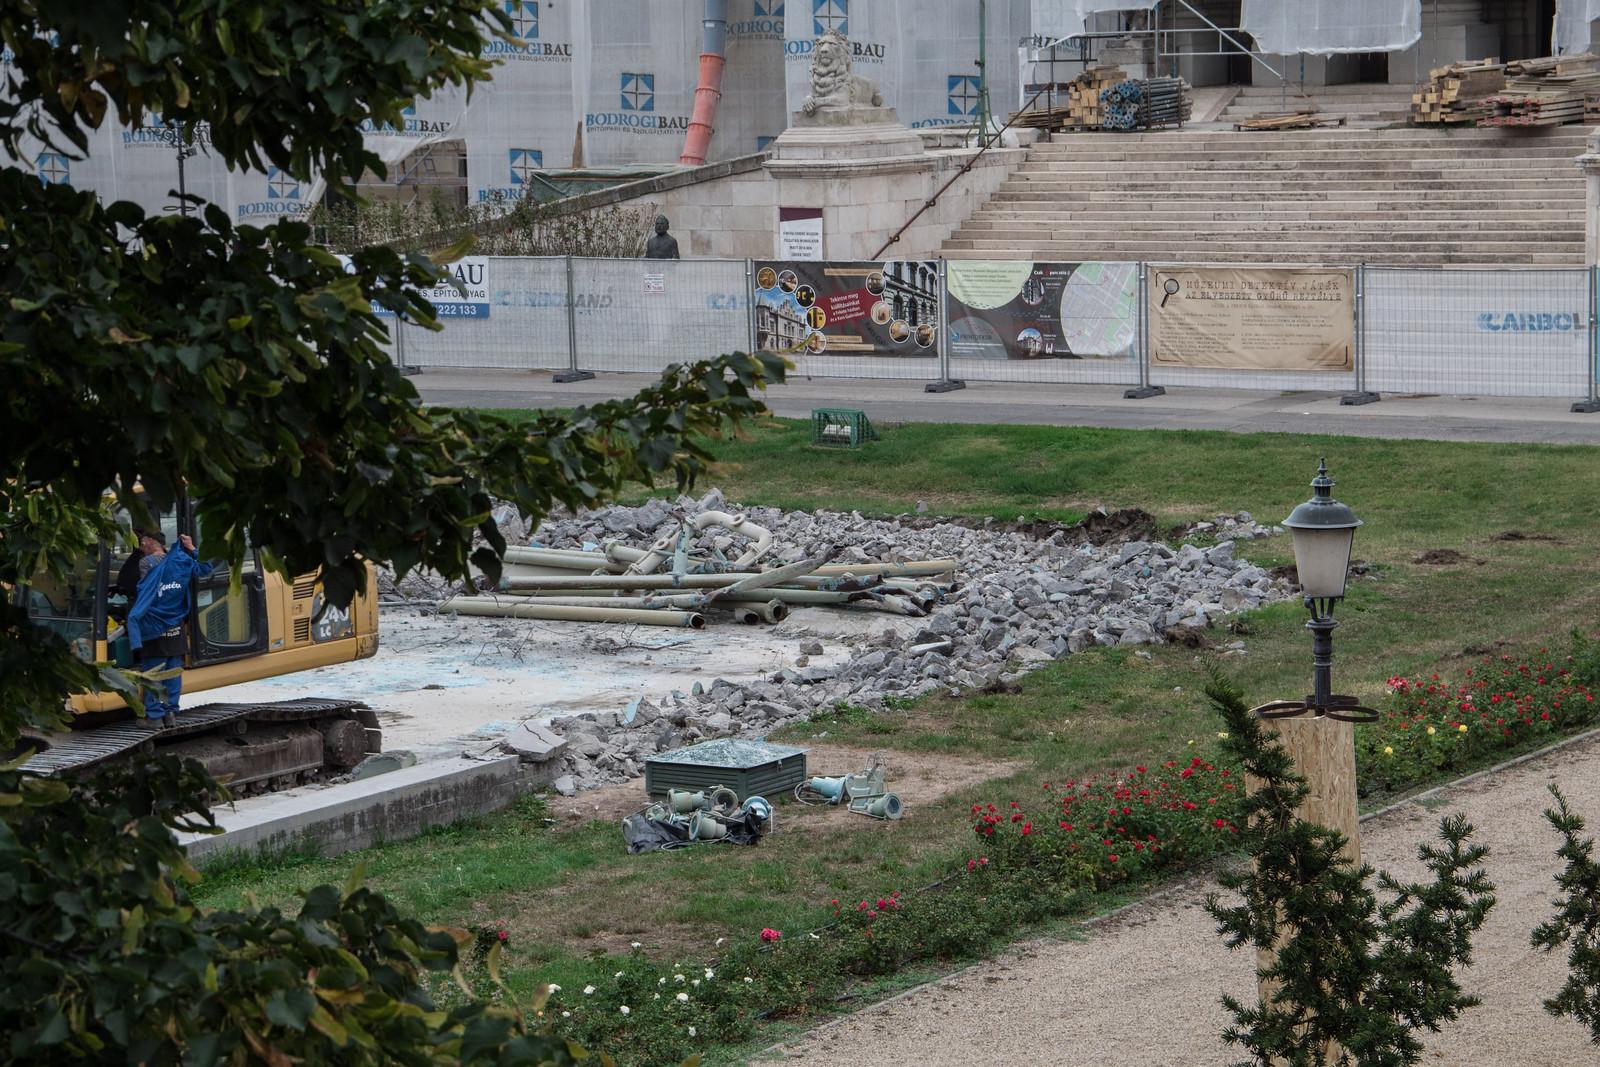 Elkezdték lebontani a múzeum előtti szökőkutat, elindult a nagy felújítás